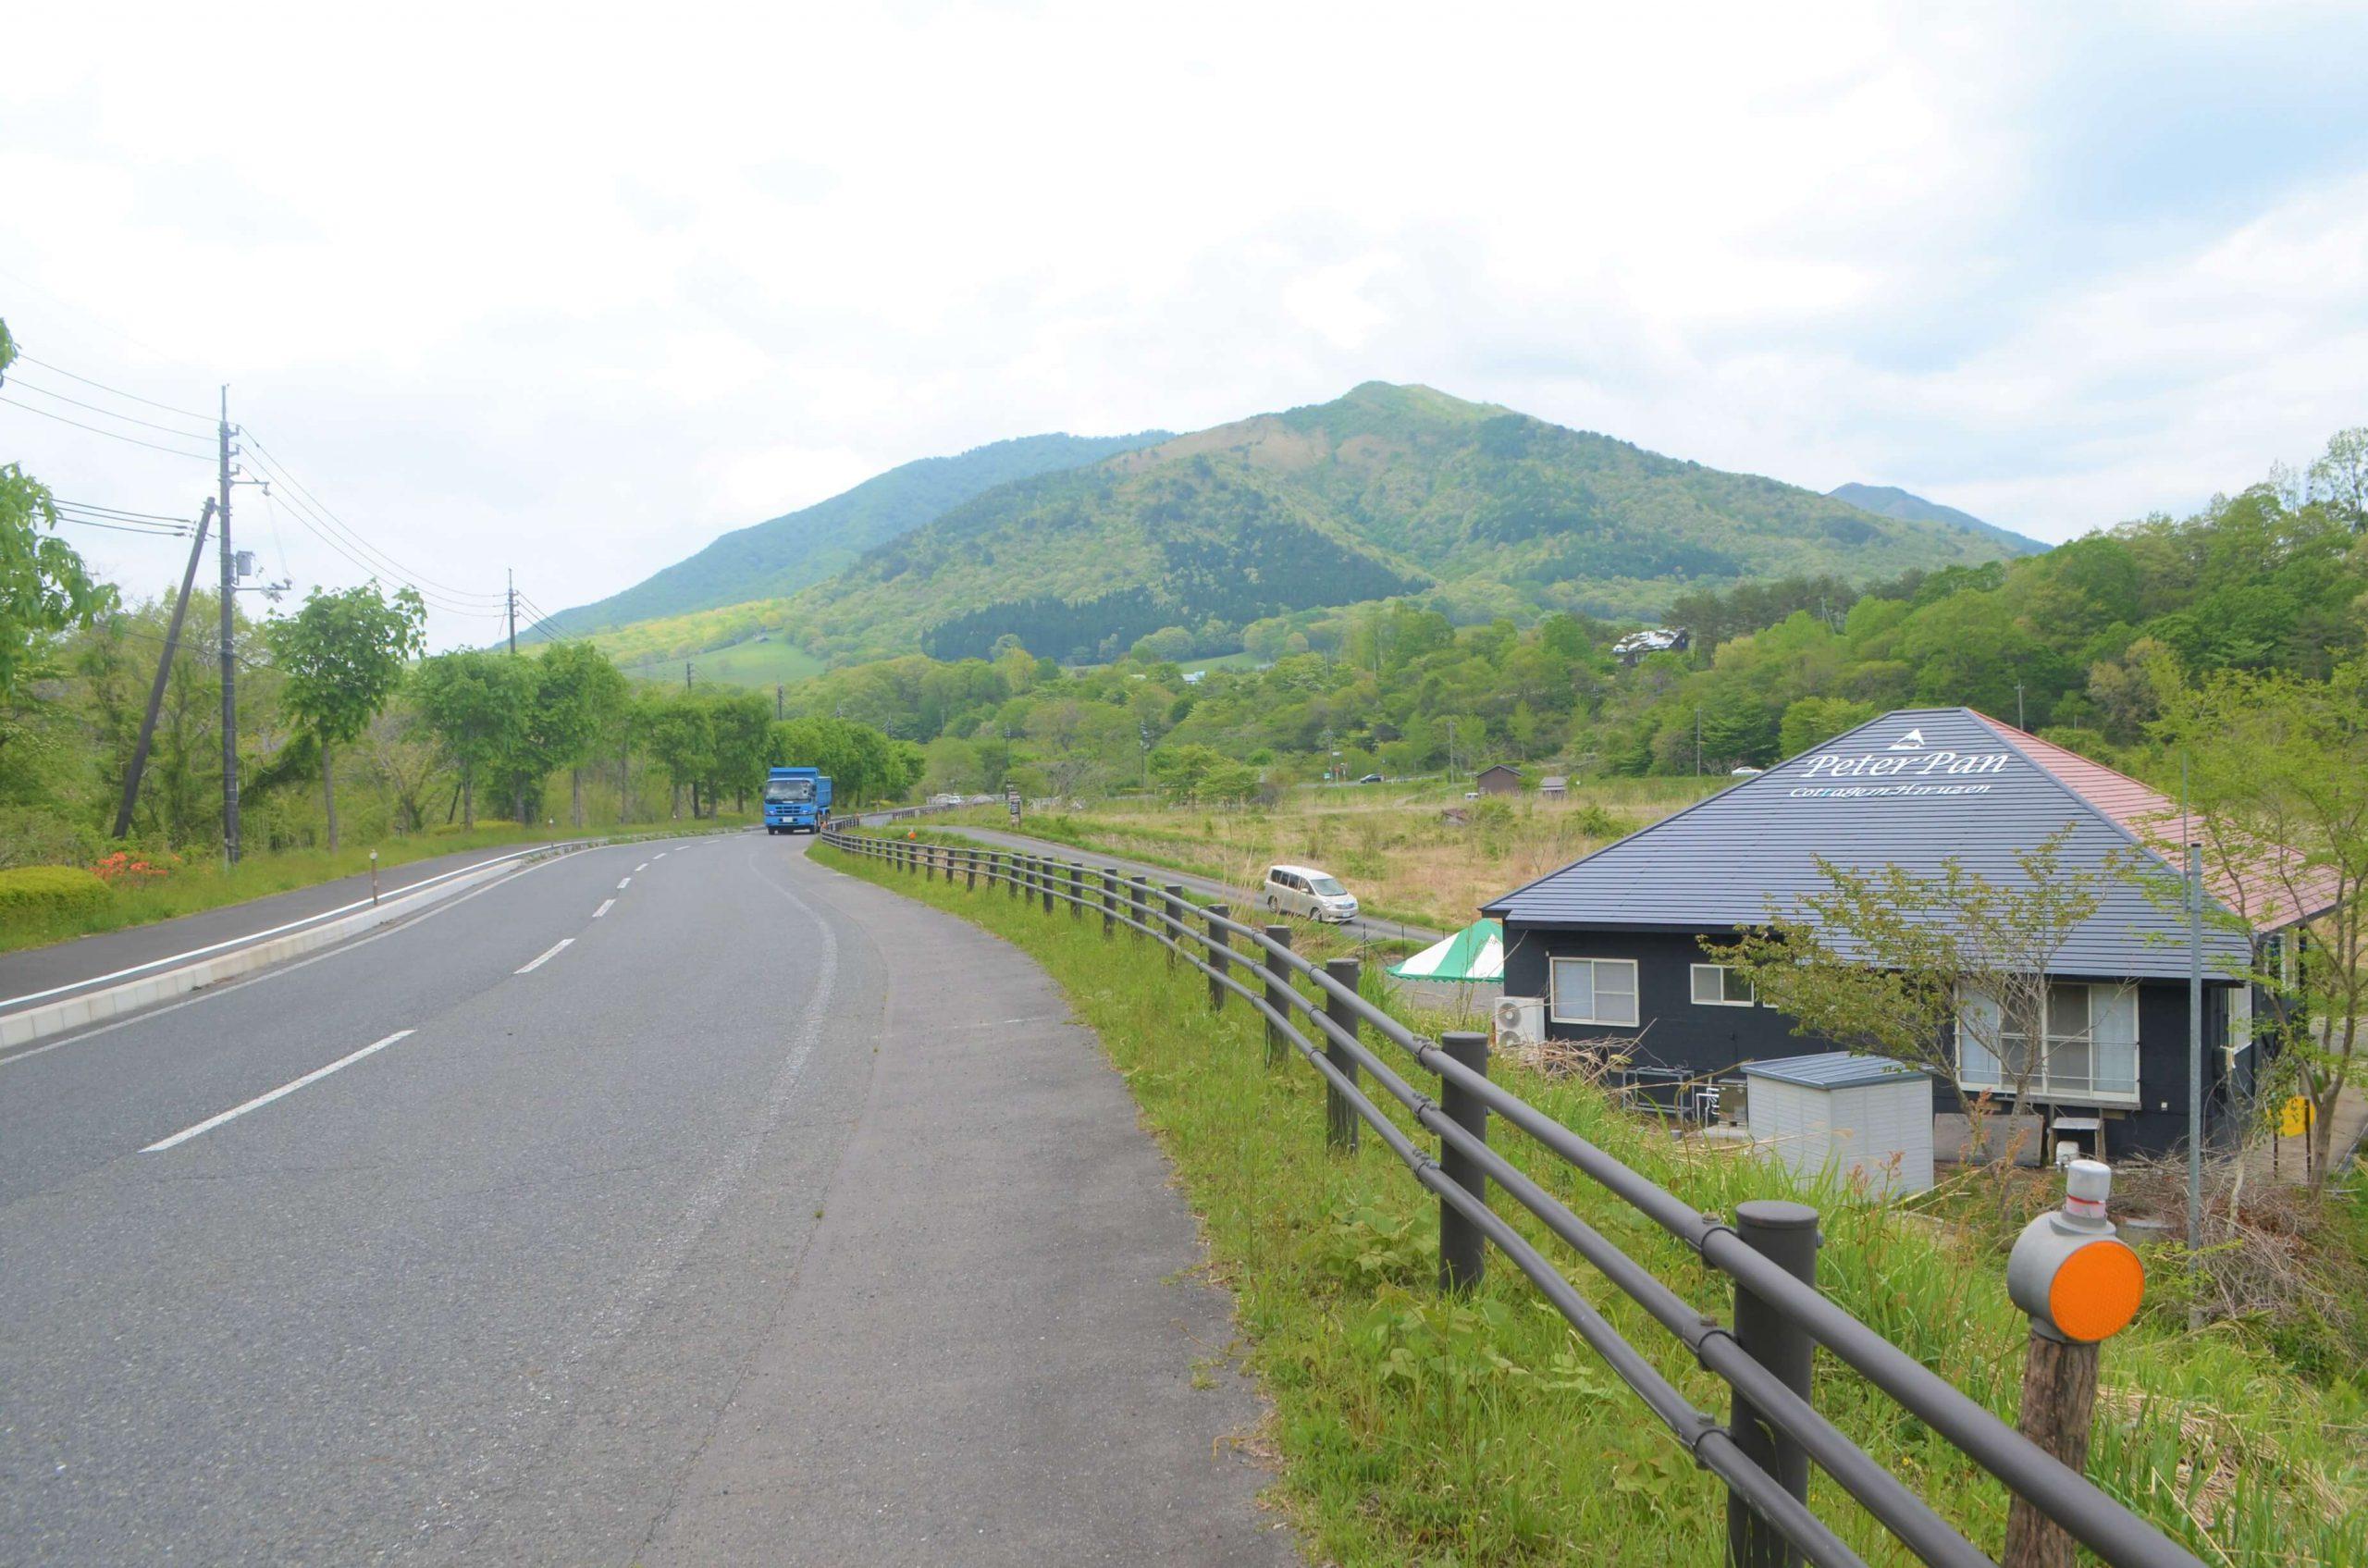 高原道路から見たネバー